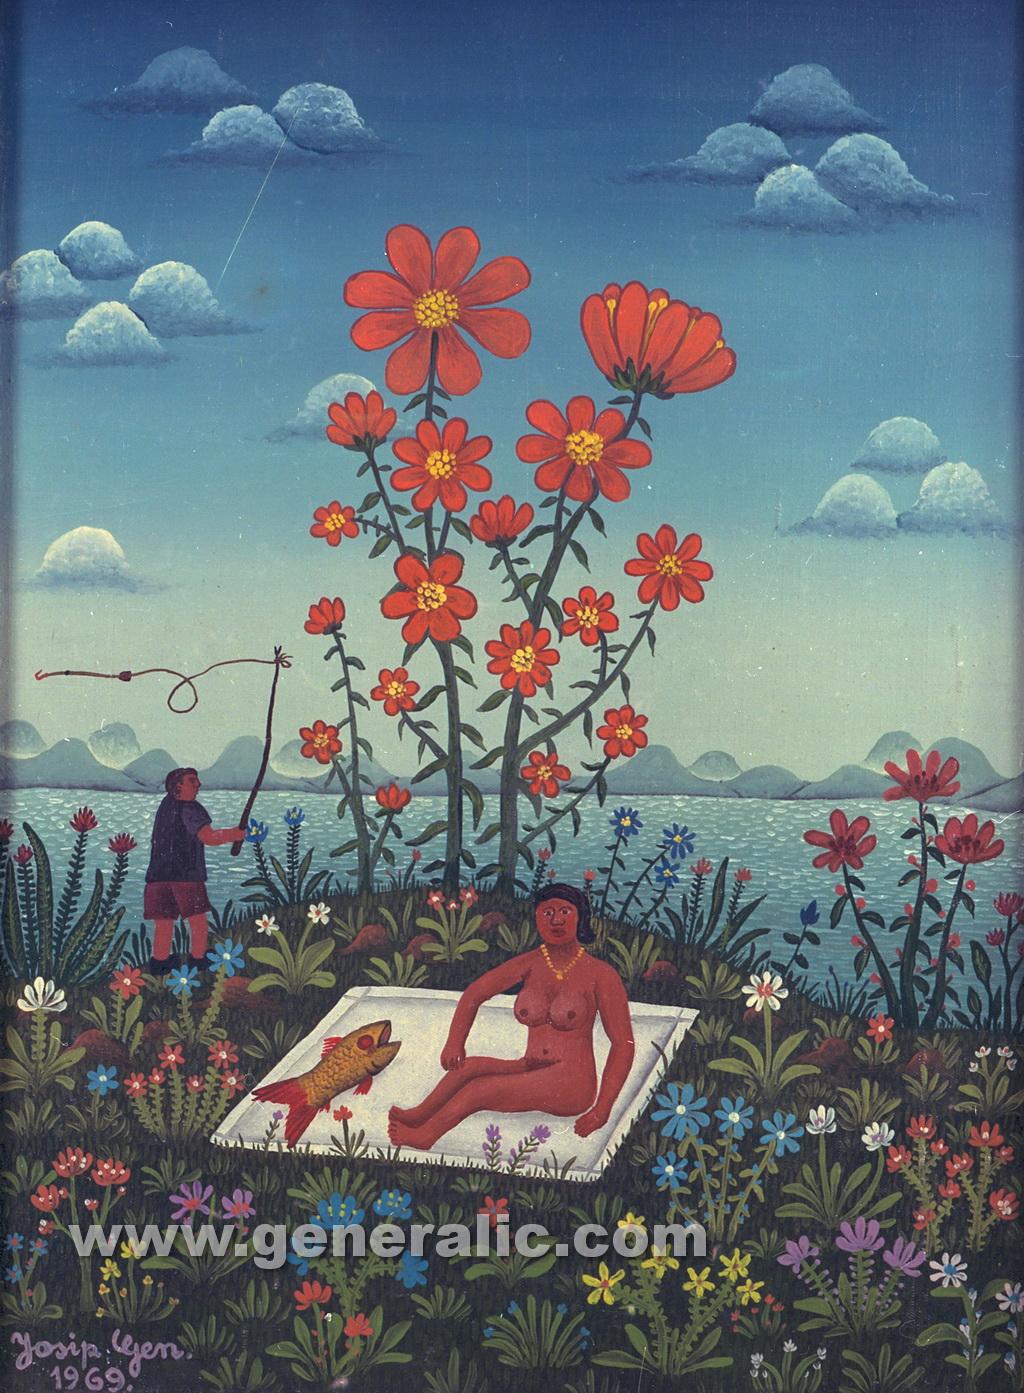 Josip Generalic, 1969, Sunbathing under flower, oil on canvas